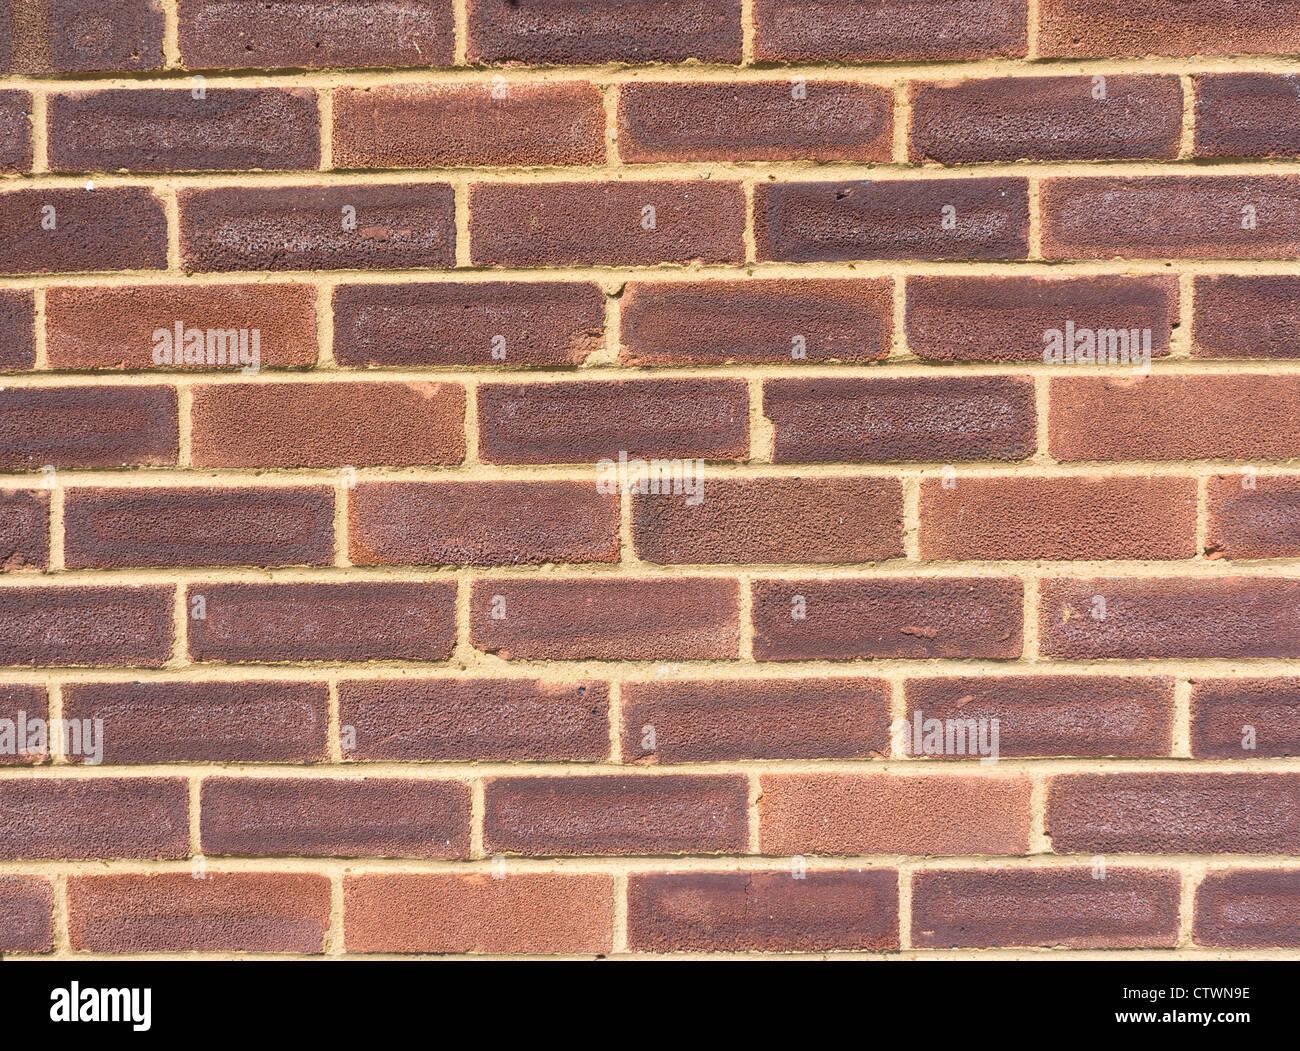 Cierre de una sección de un muro de ladrillo de la fachada Imagen De Stock